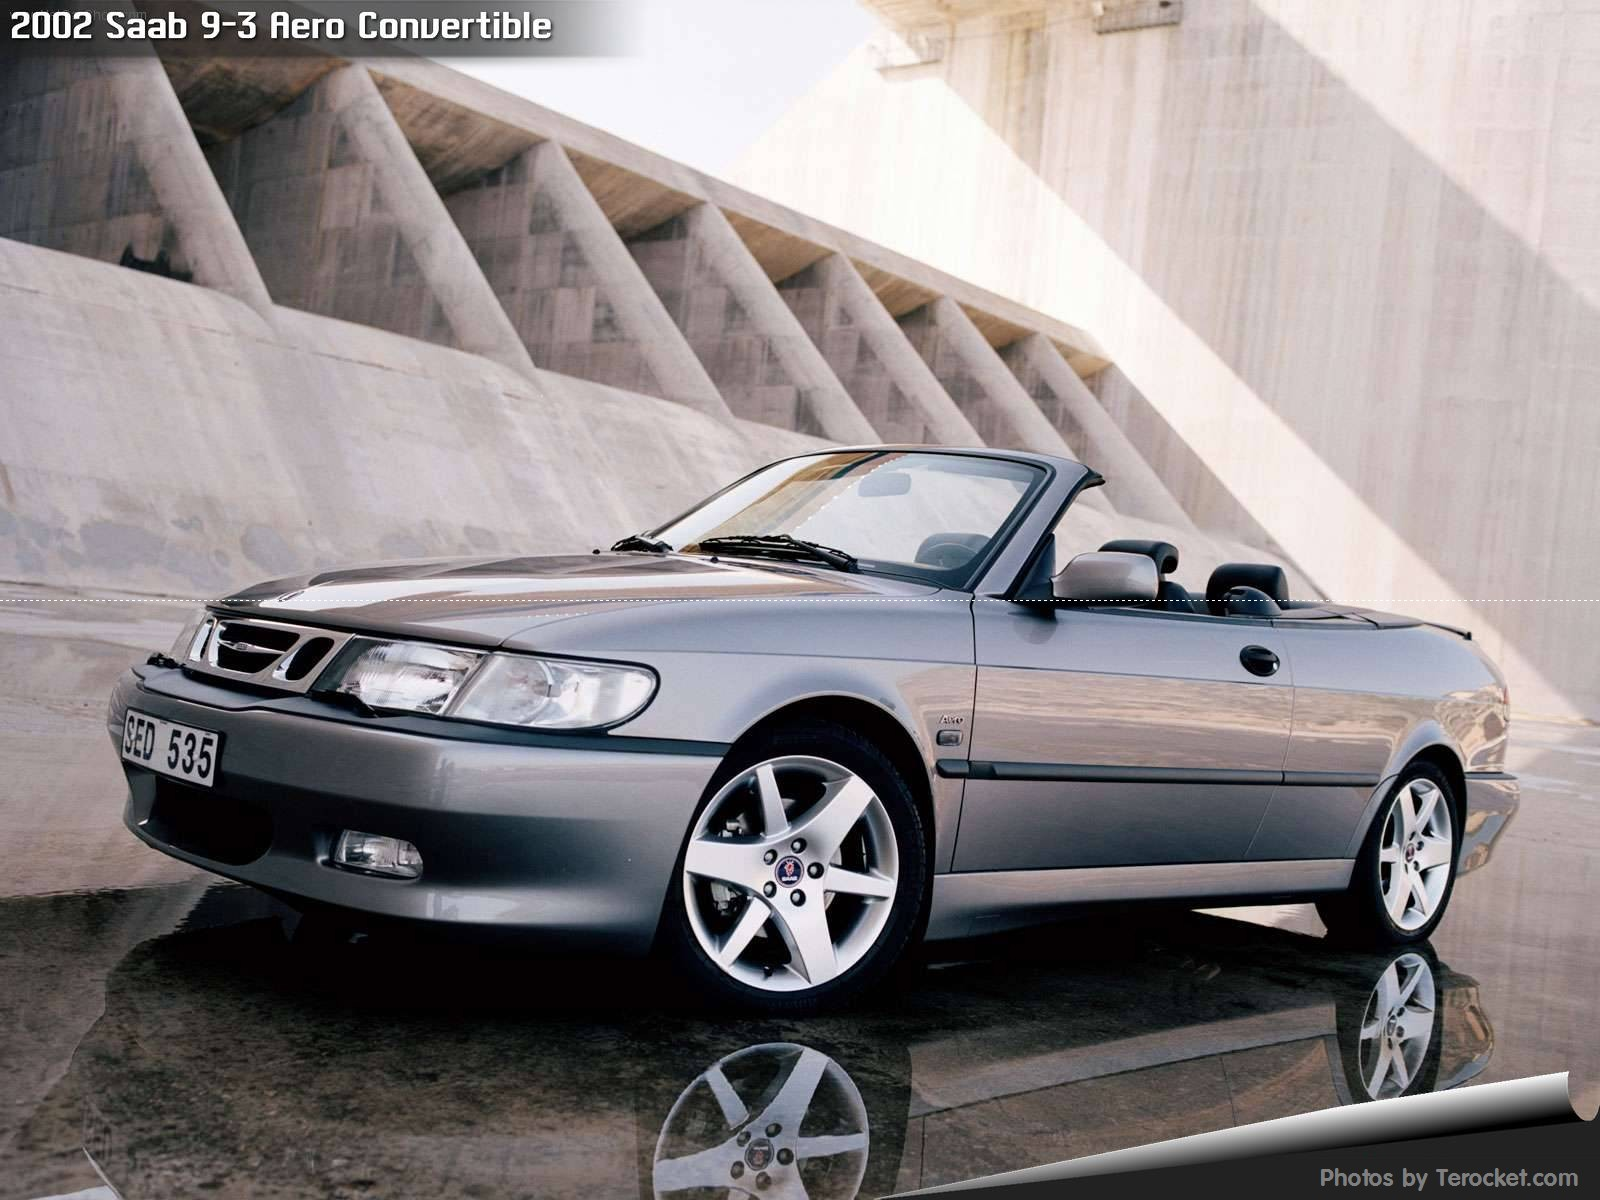 Hình ảnh xe ô tô Saab 9-3 Aero Convertible 2002 & nội ngoại thất